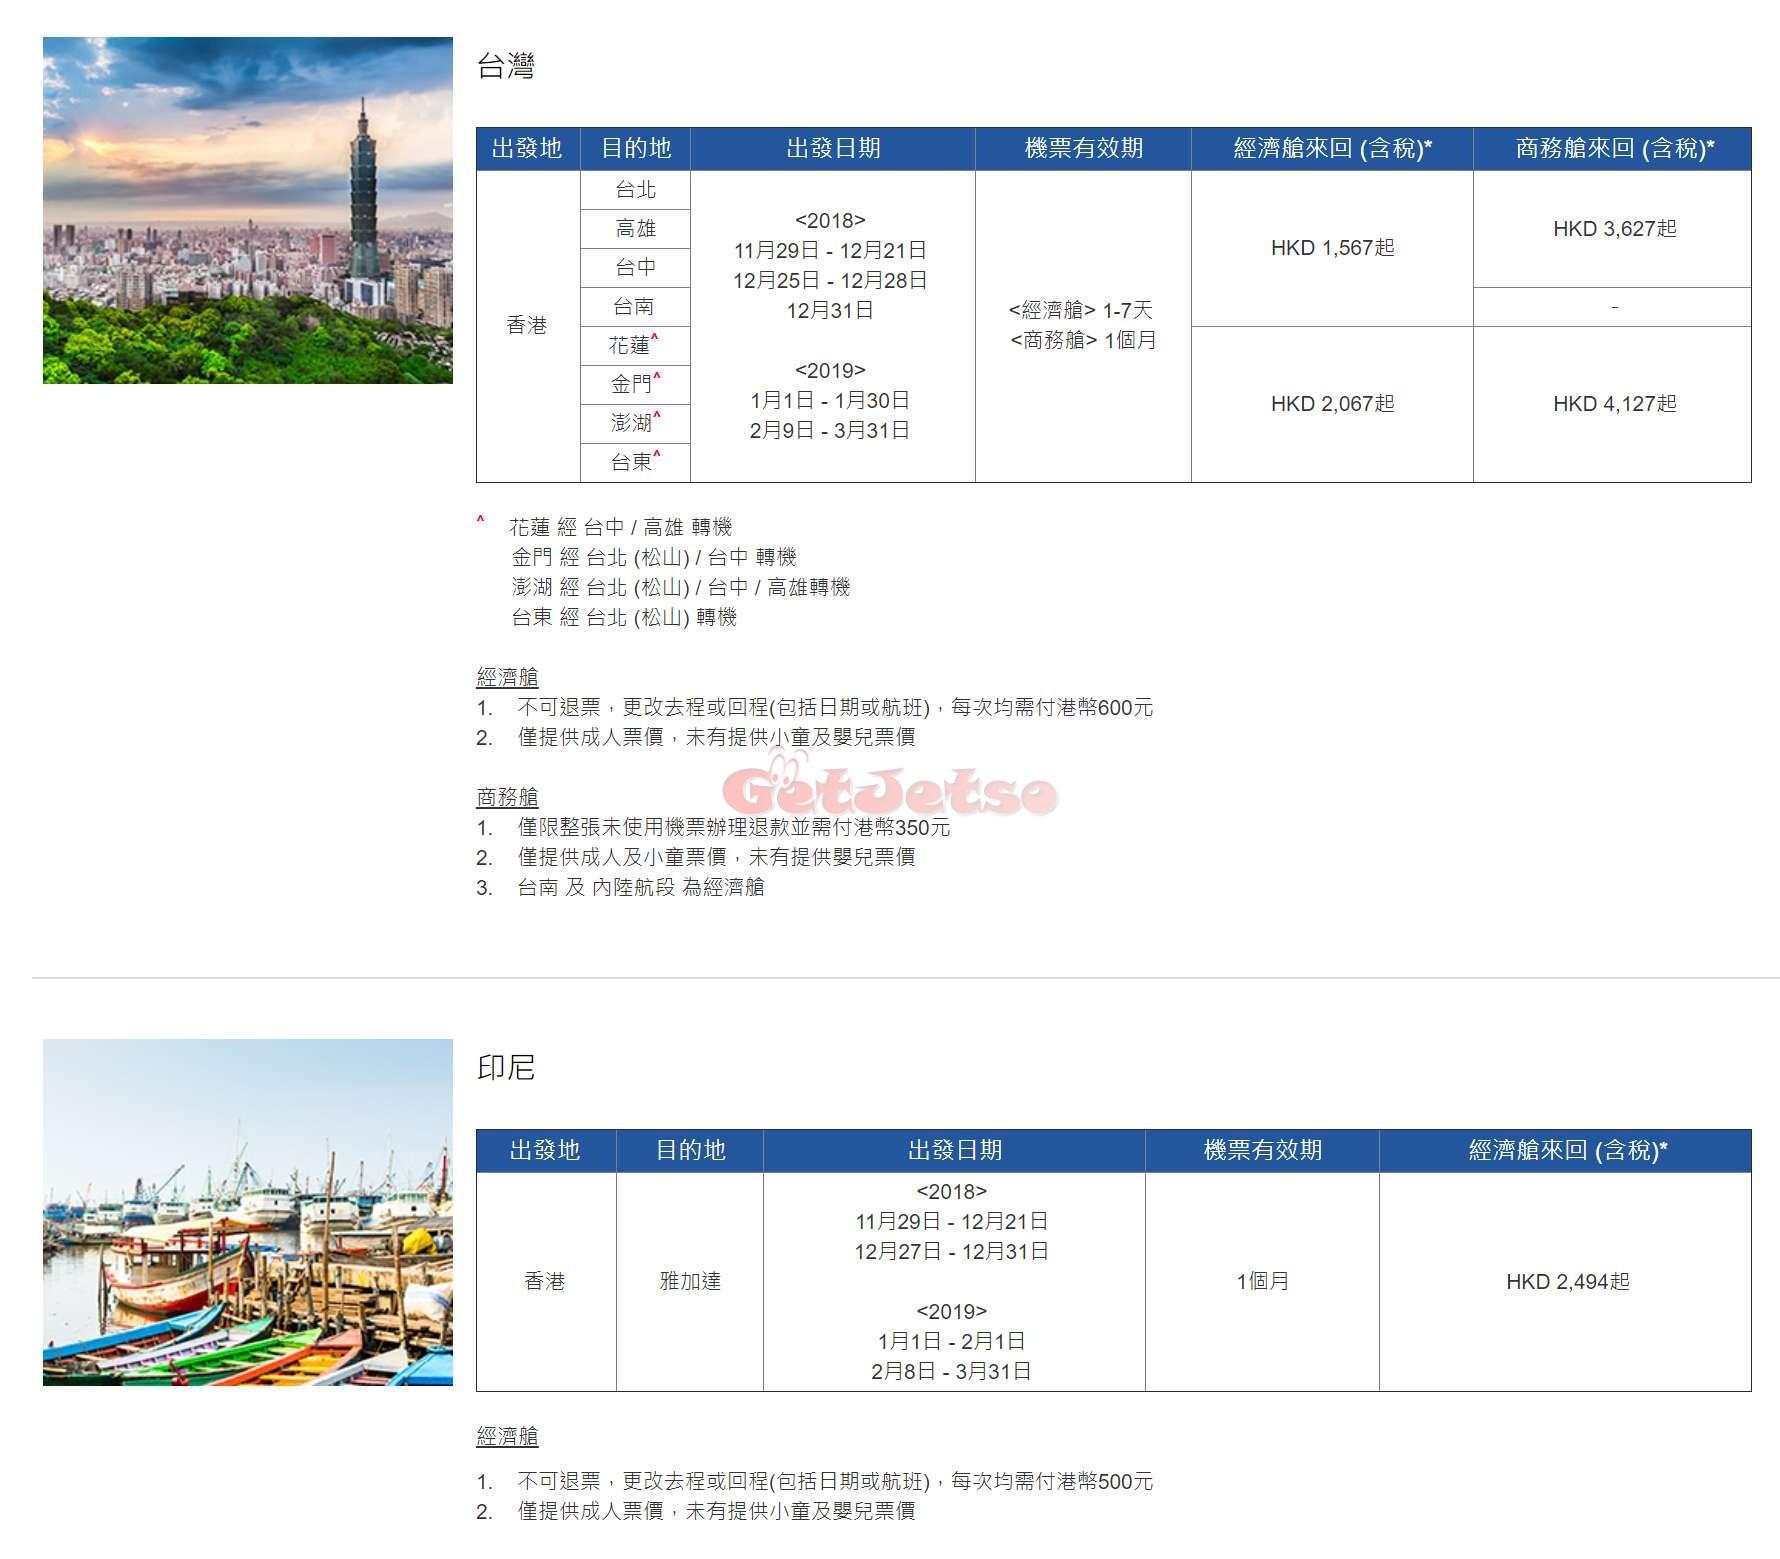 中華航空低至$1567限時機票優惠 - Get Jetso 著數優惠網